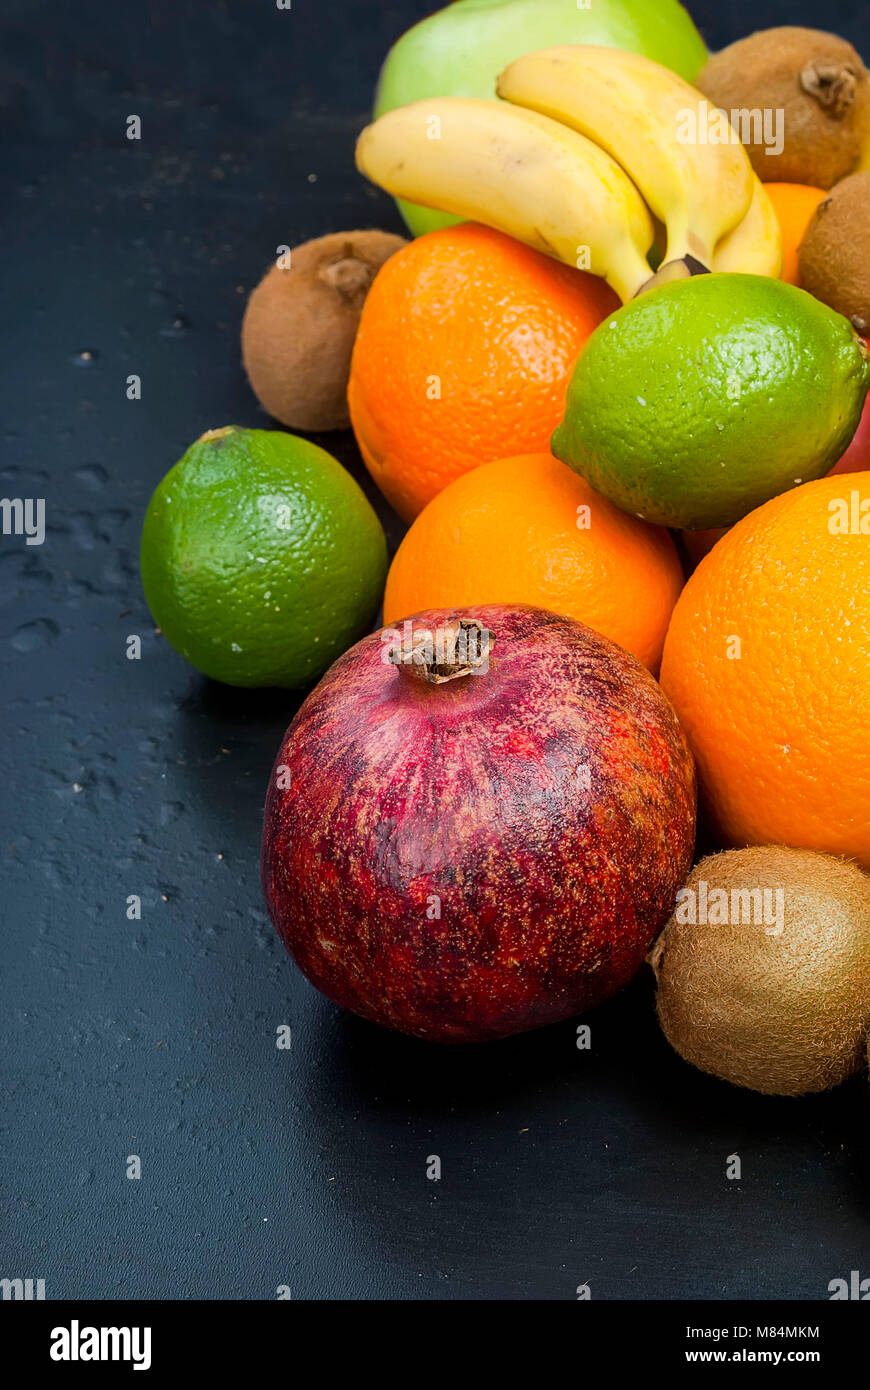 Auswahl an frischem Obst auf dunklem Hintergrund aus Schichten von Kiwi, Bananen, aplle und orange, kopieren Raum Stockbild